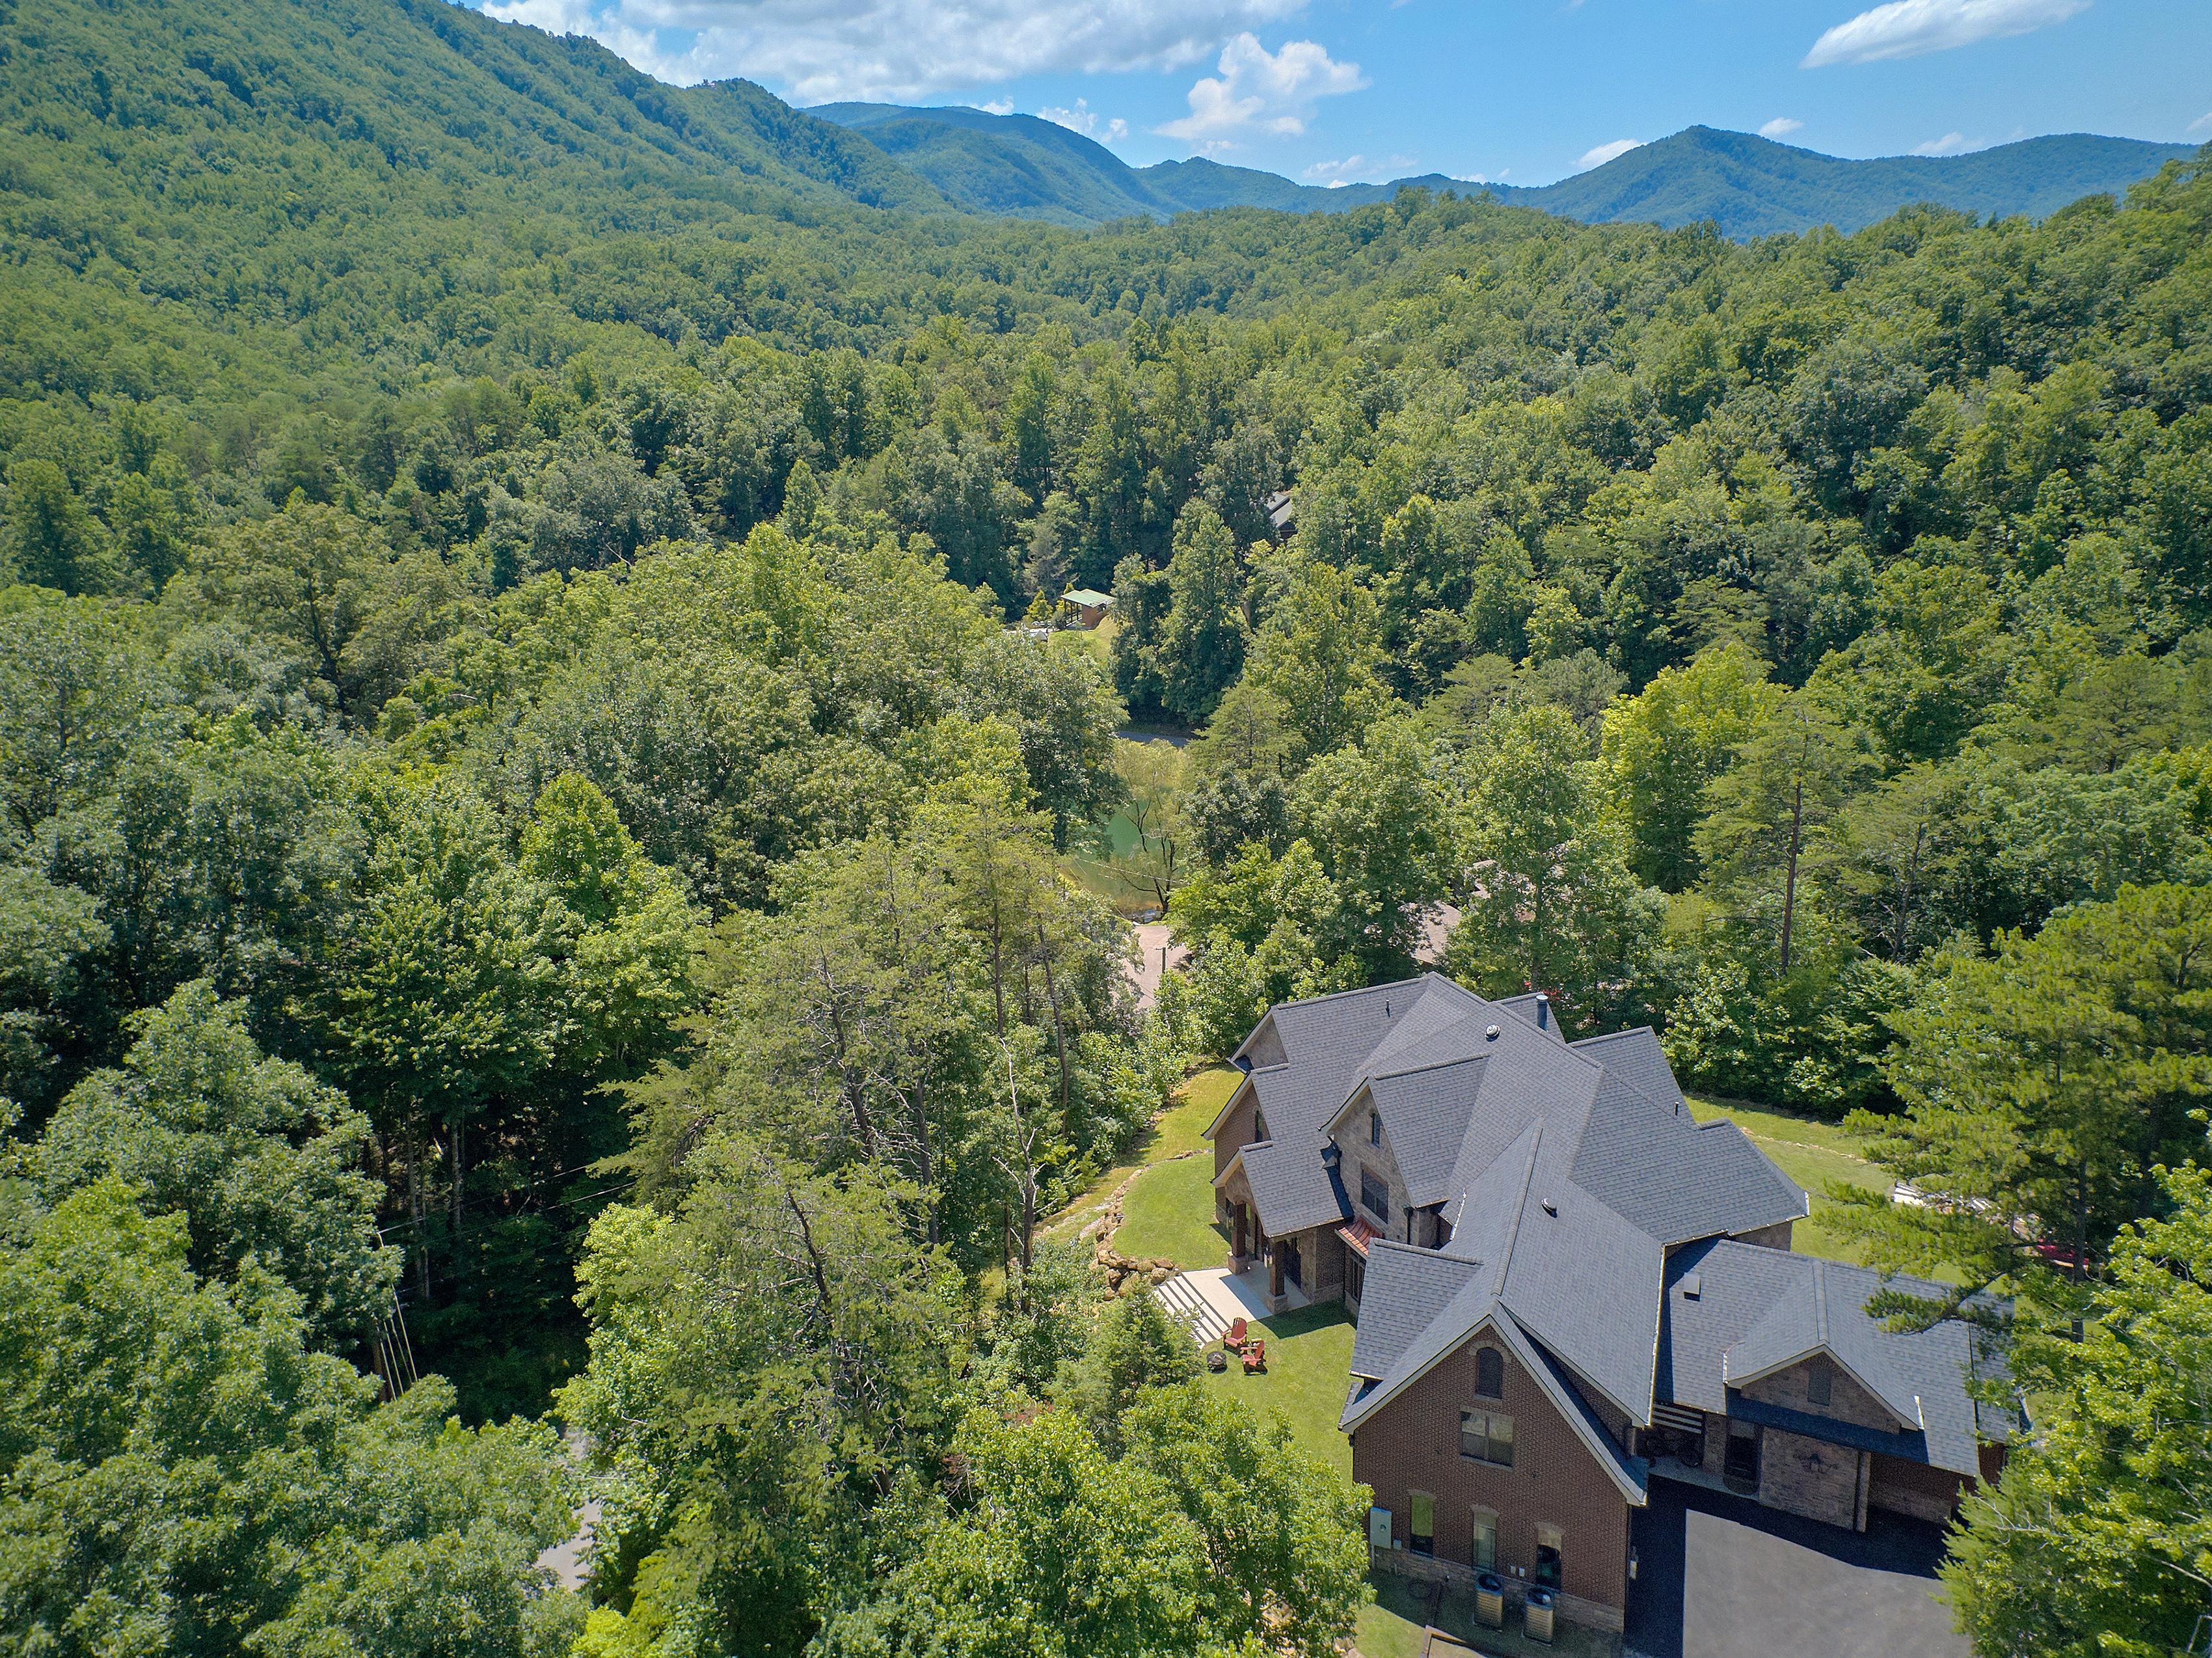 419 Mountain View Road Luxury Mountain Home Gatlinburg